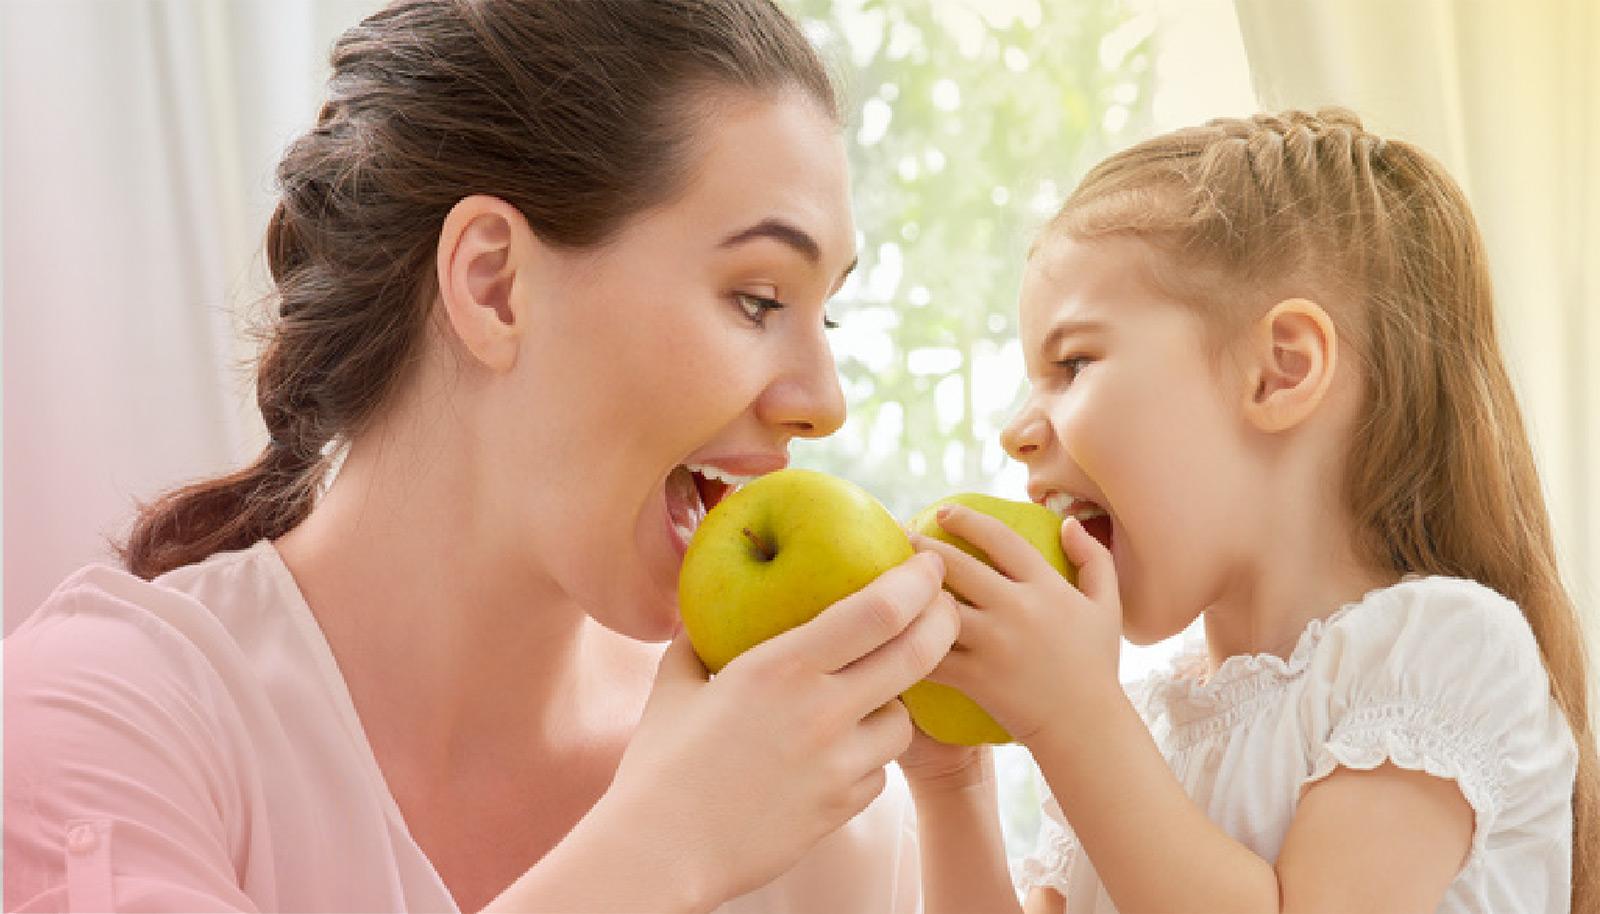 La colazione per  i bambini: ecco perché è importante